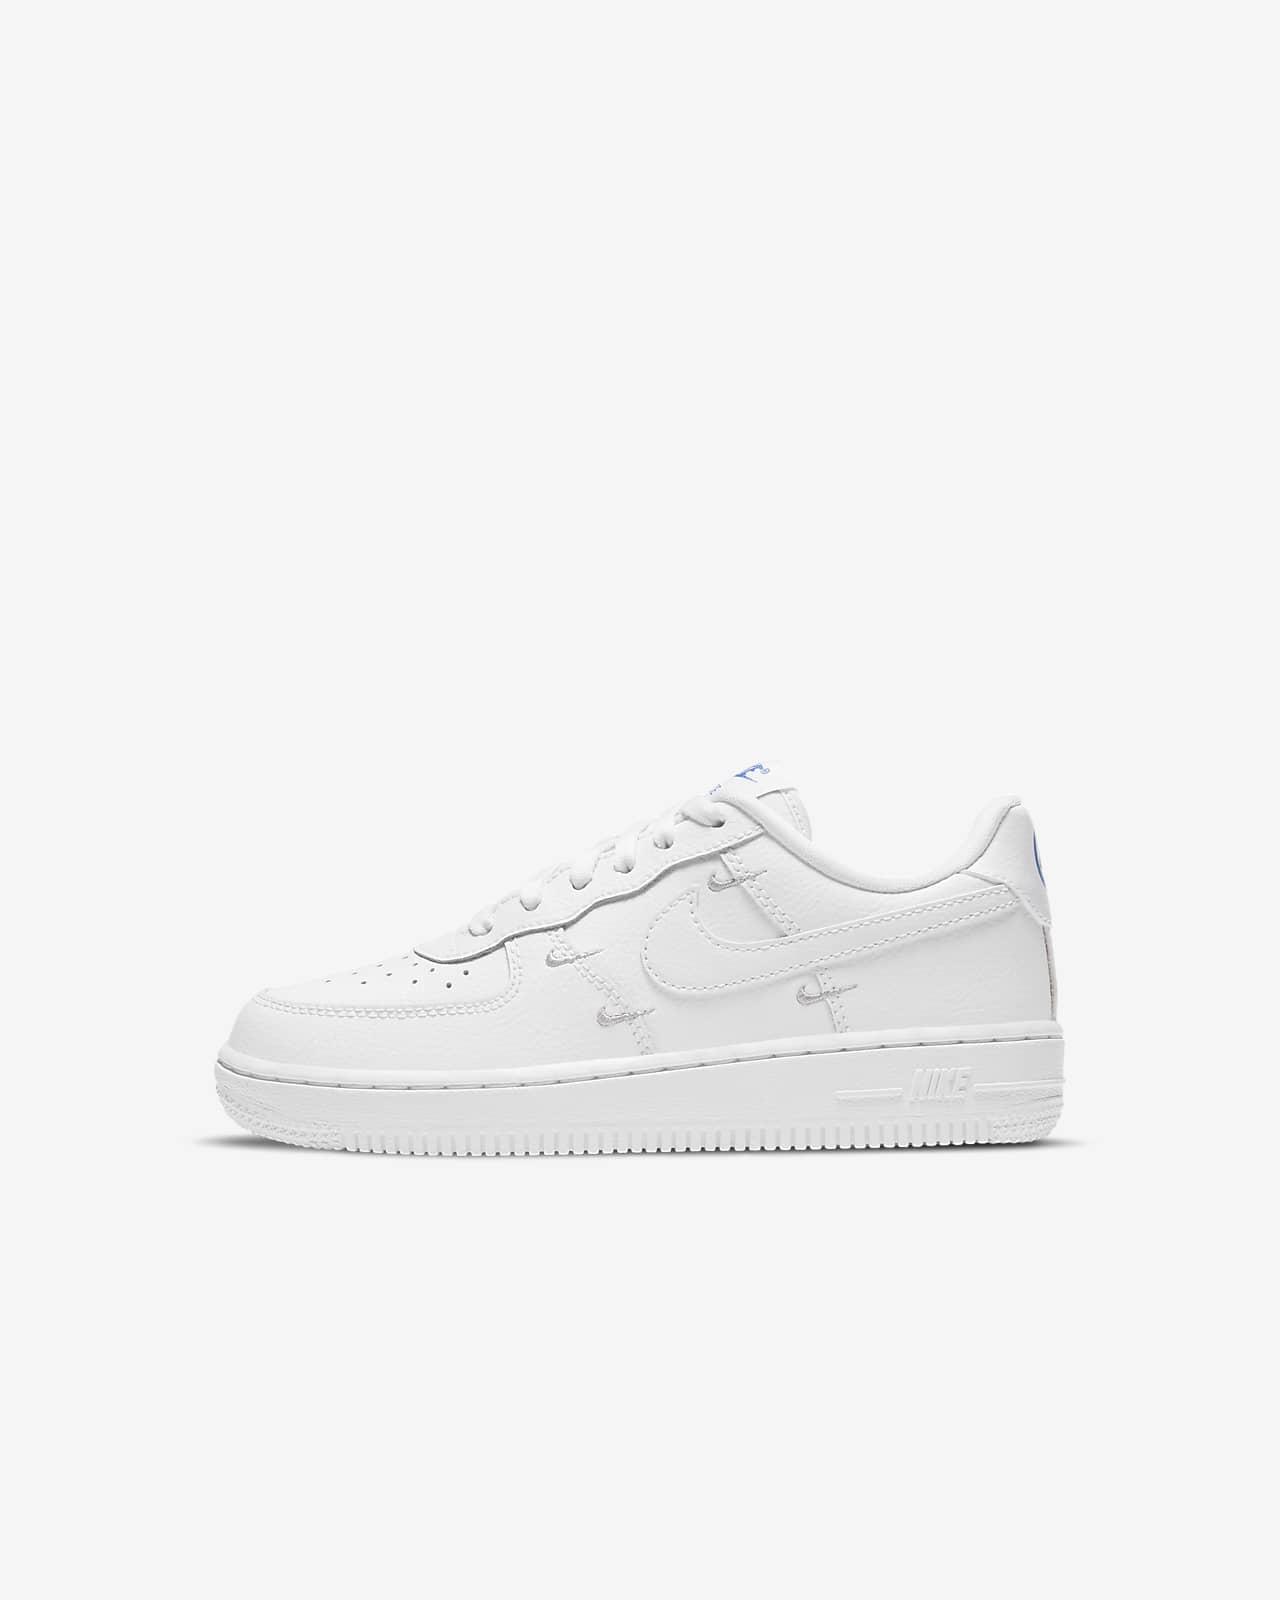 Chaussure Nike Force 1 LV8 pour Jeune enfant